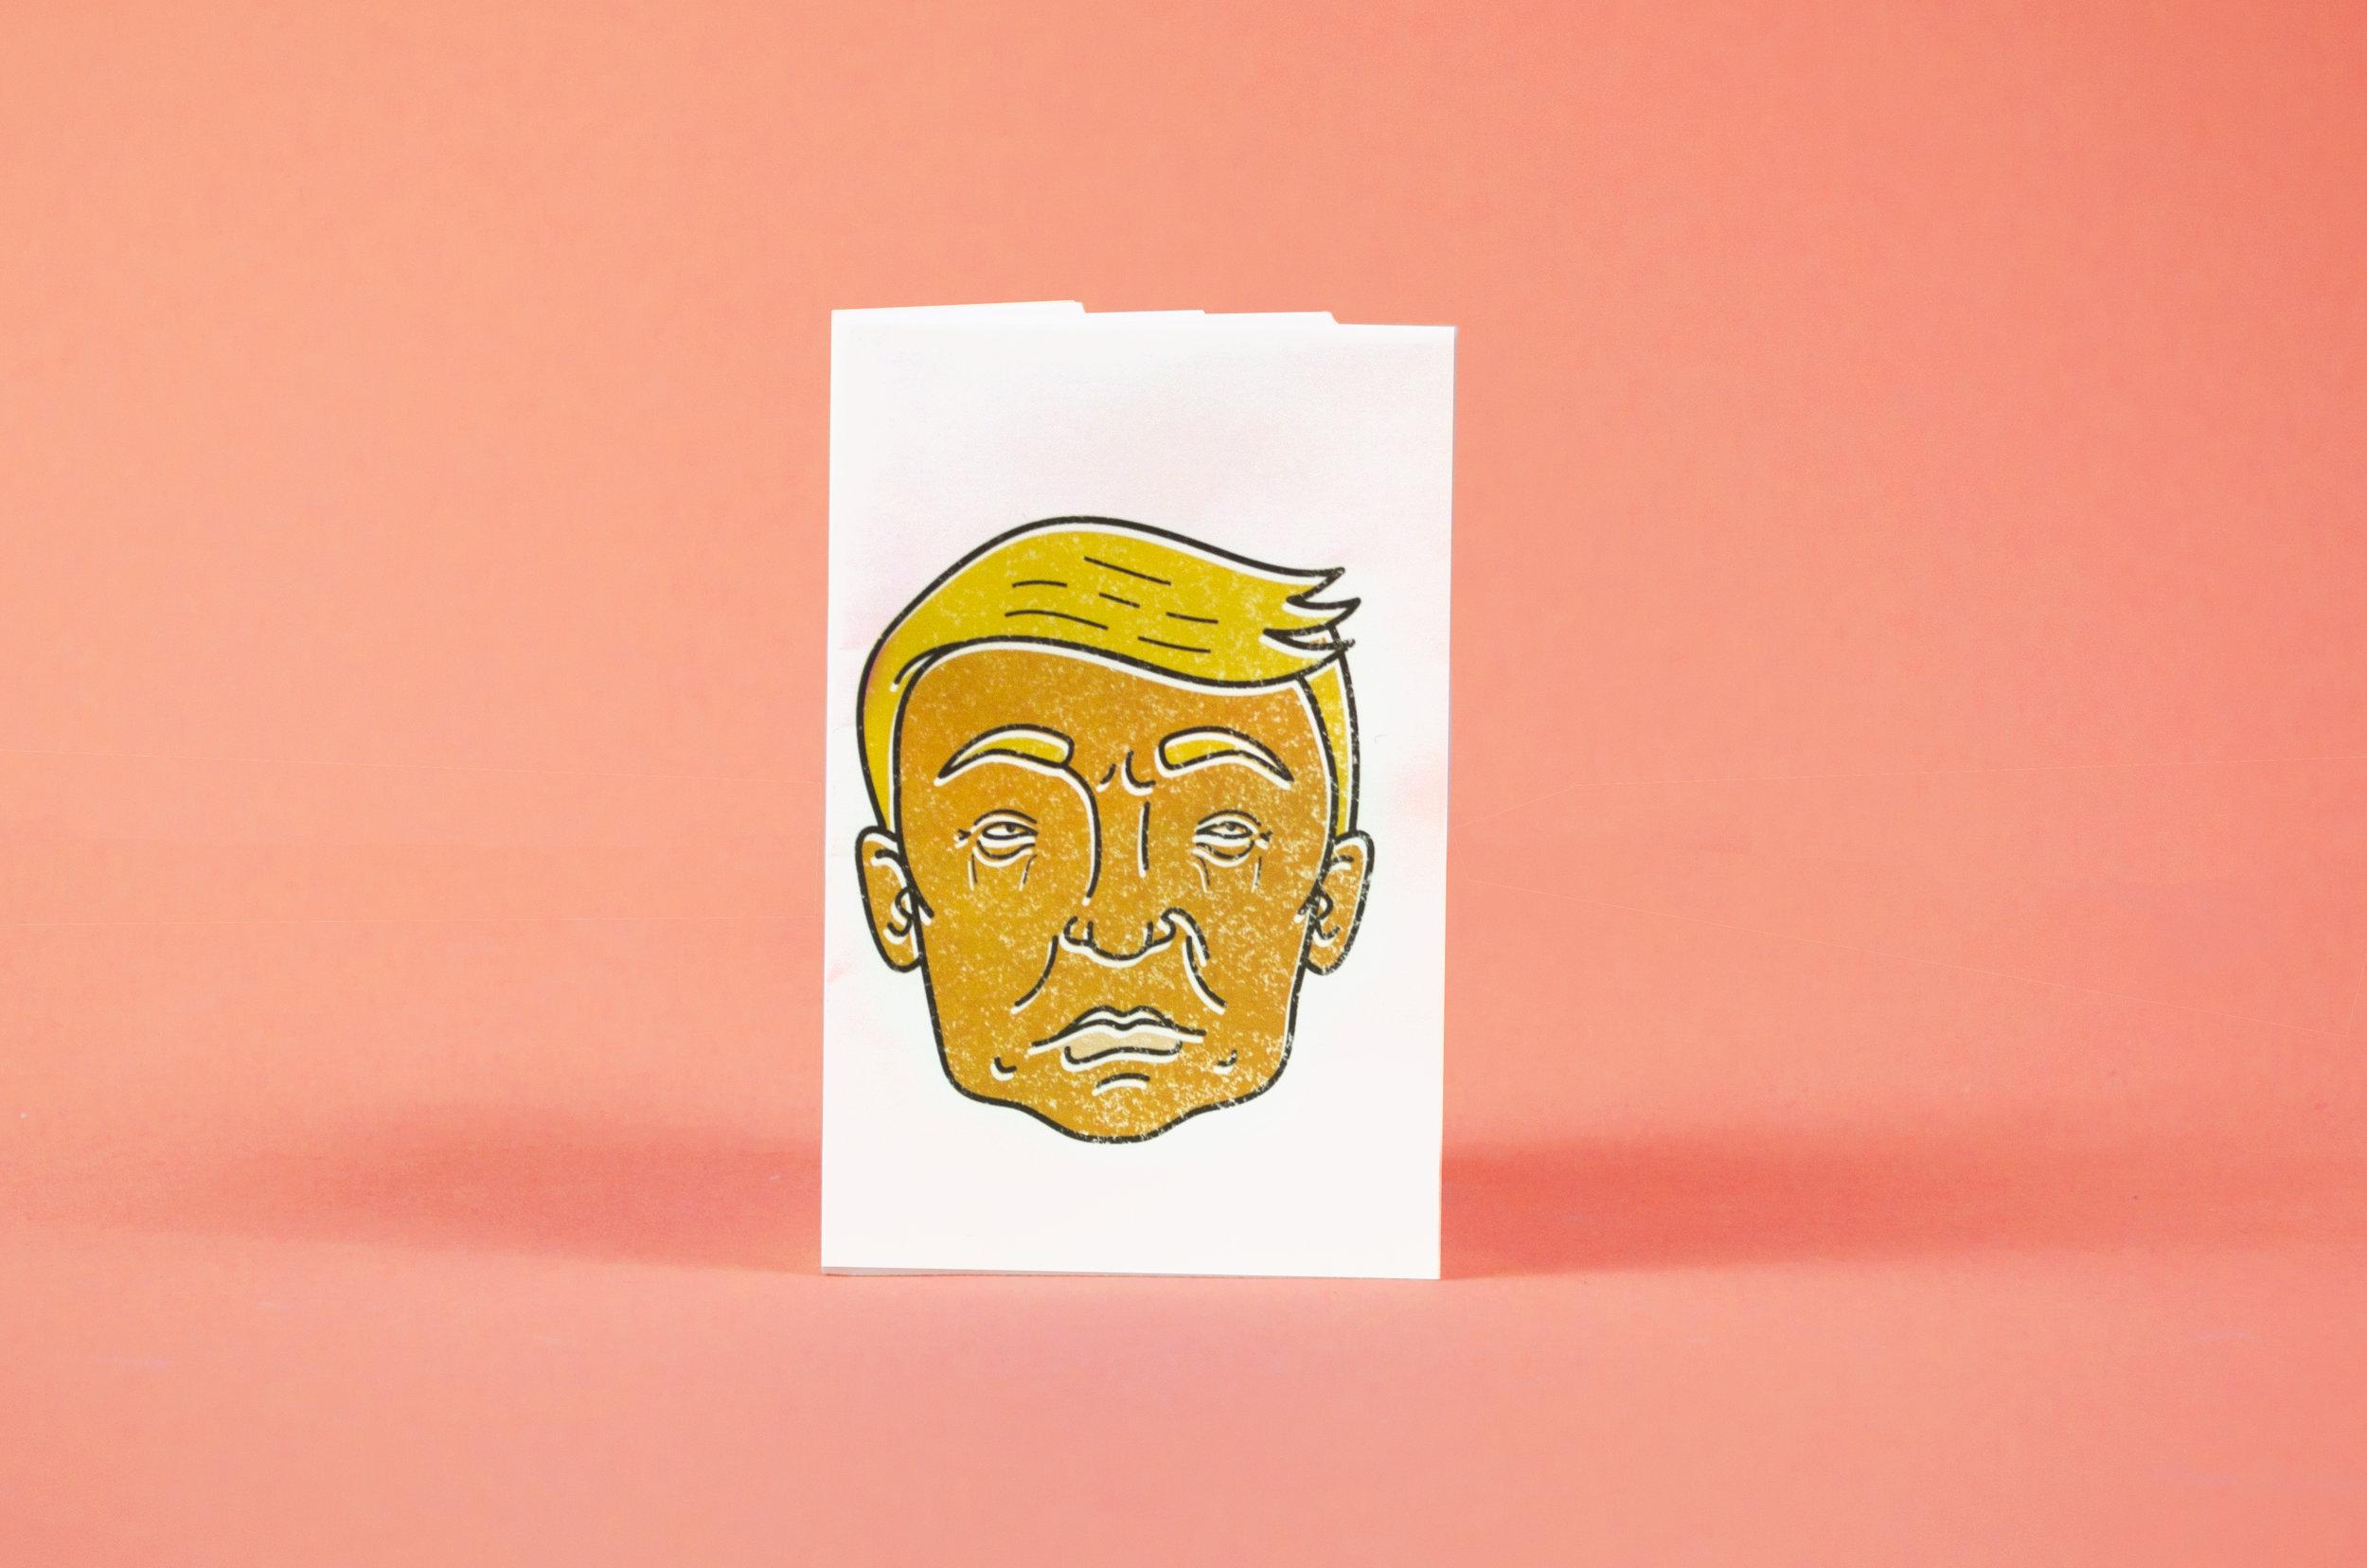 BC_TrumpBook_1.jpg